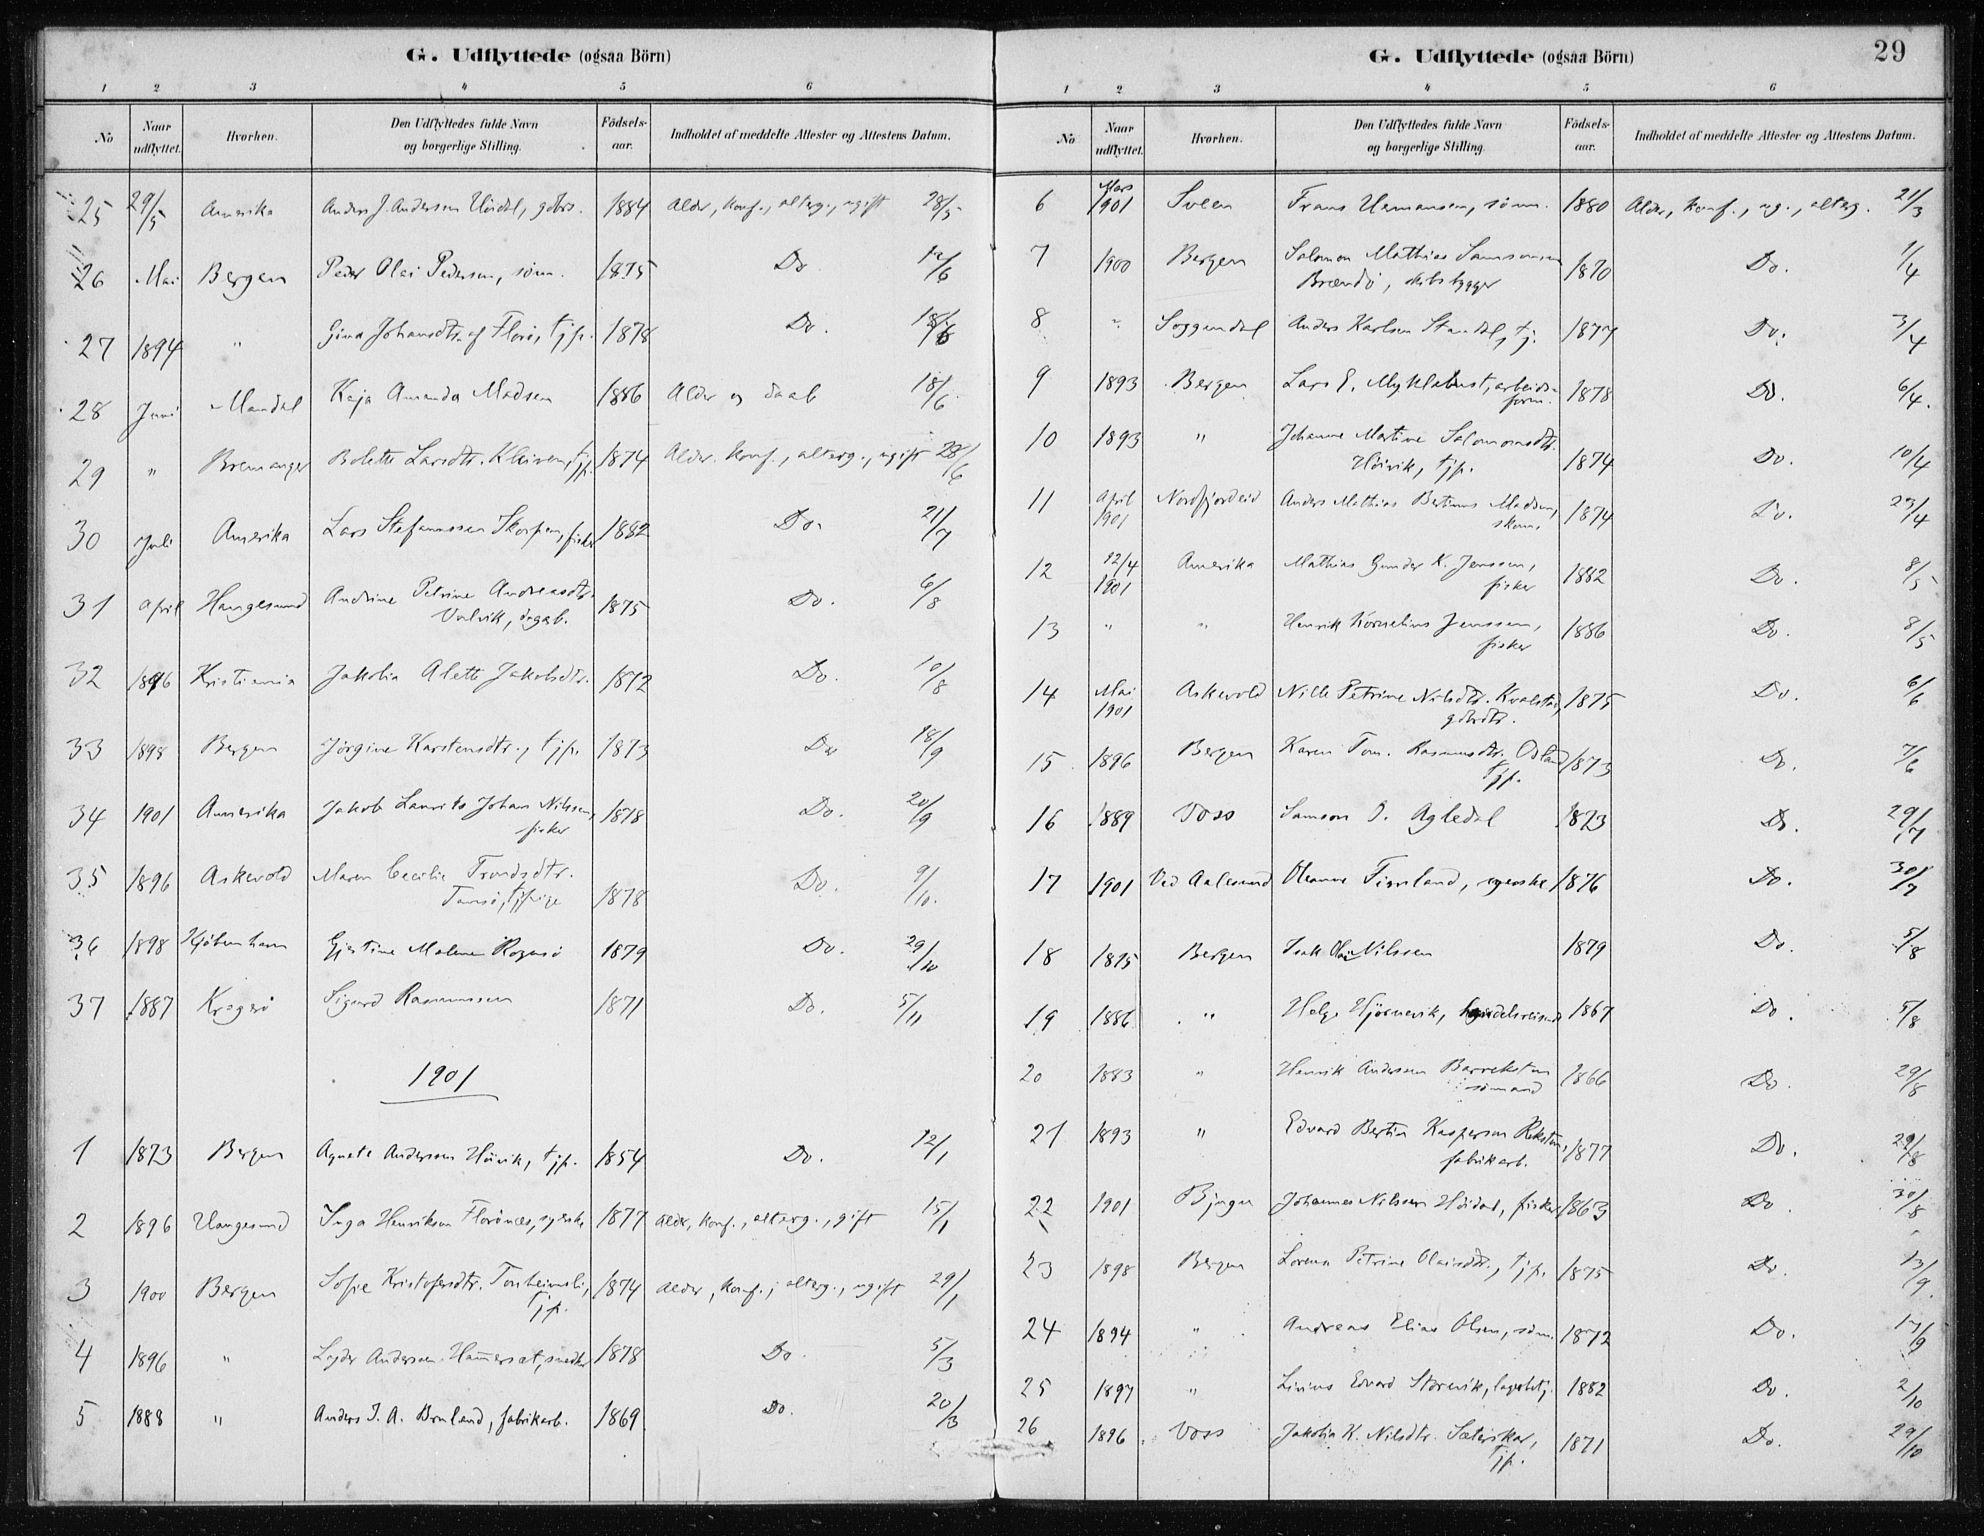 SAB, Kinn Sokneprestembete, Ministerialbok nr. D 1, 1883-1922, s. 29